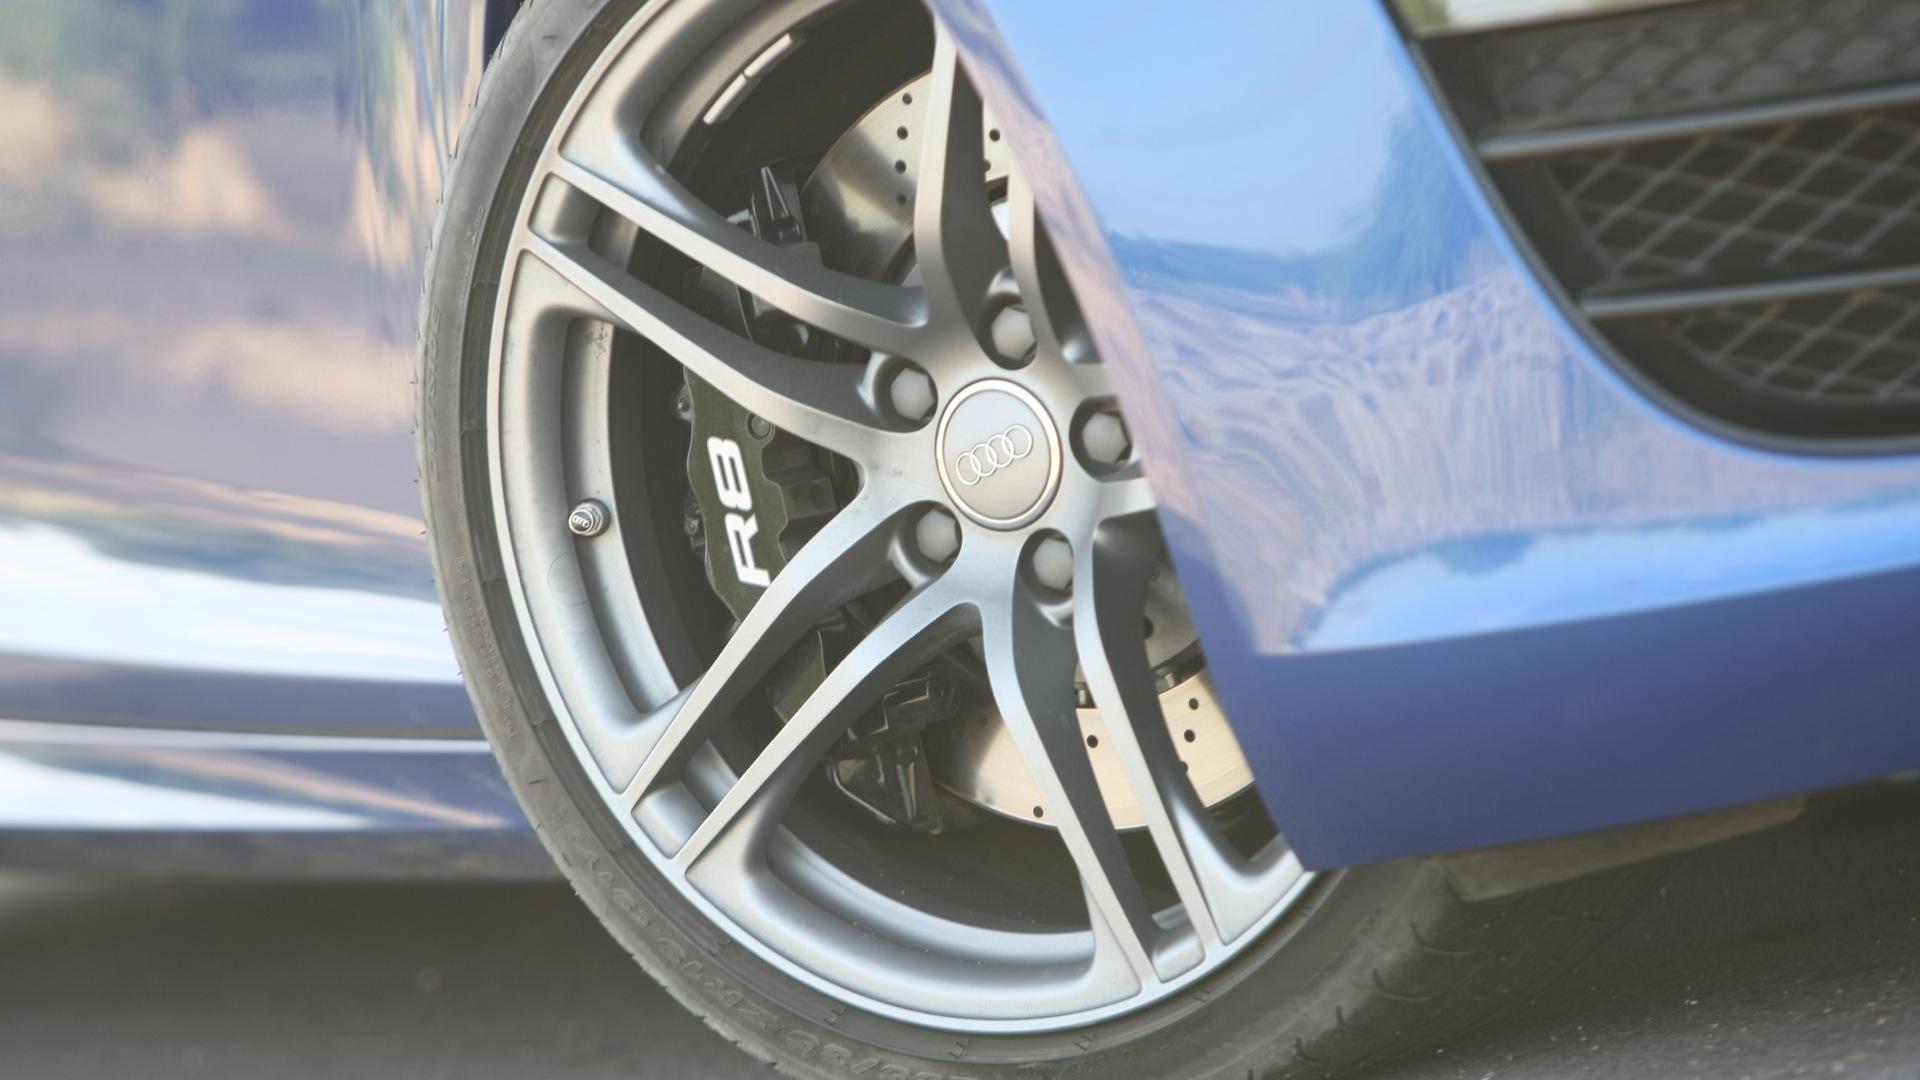 Audi-R8-2012-4-2-FSI-Quattro-Exterior